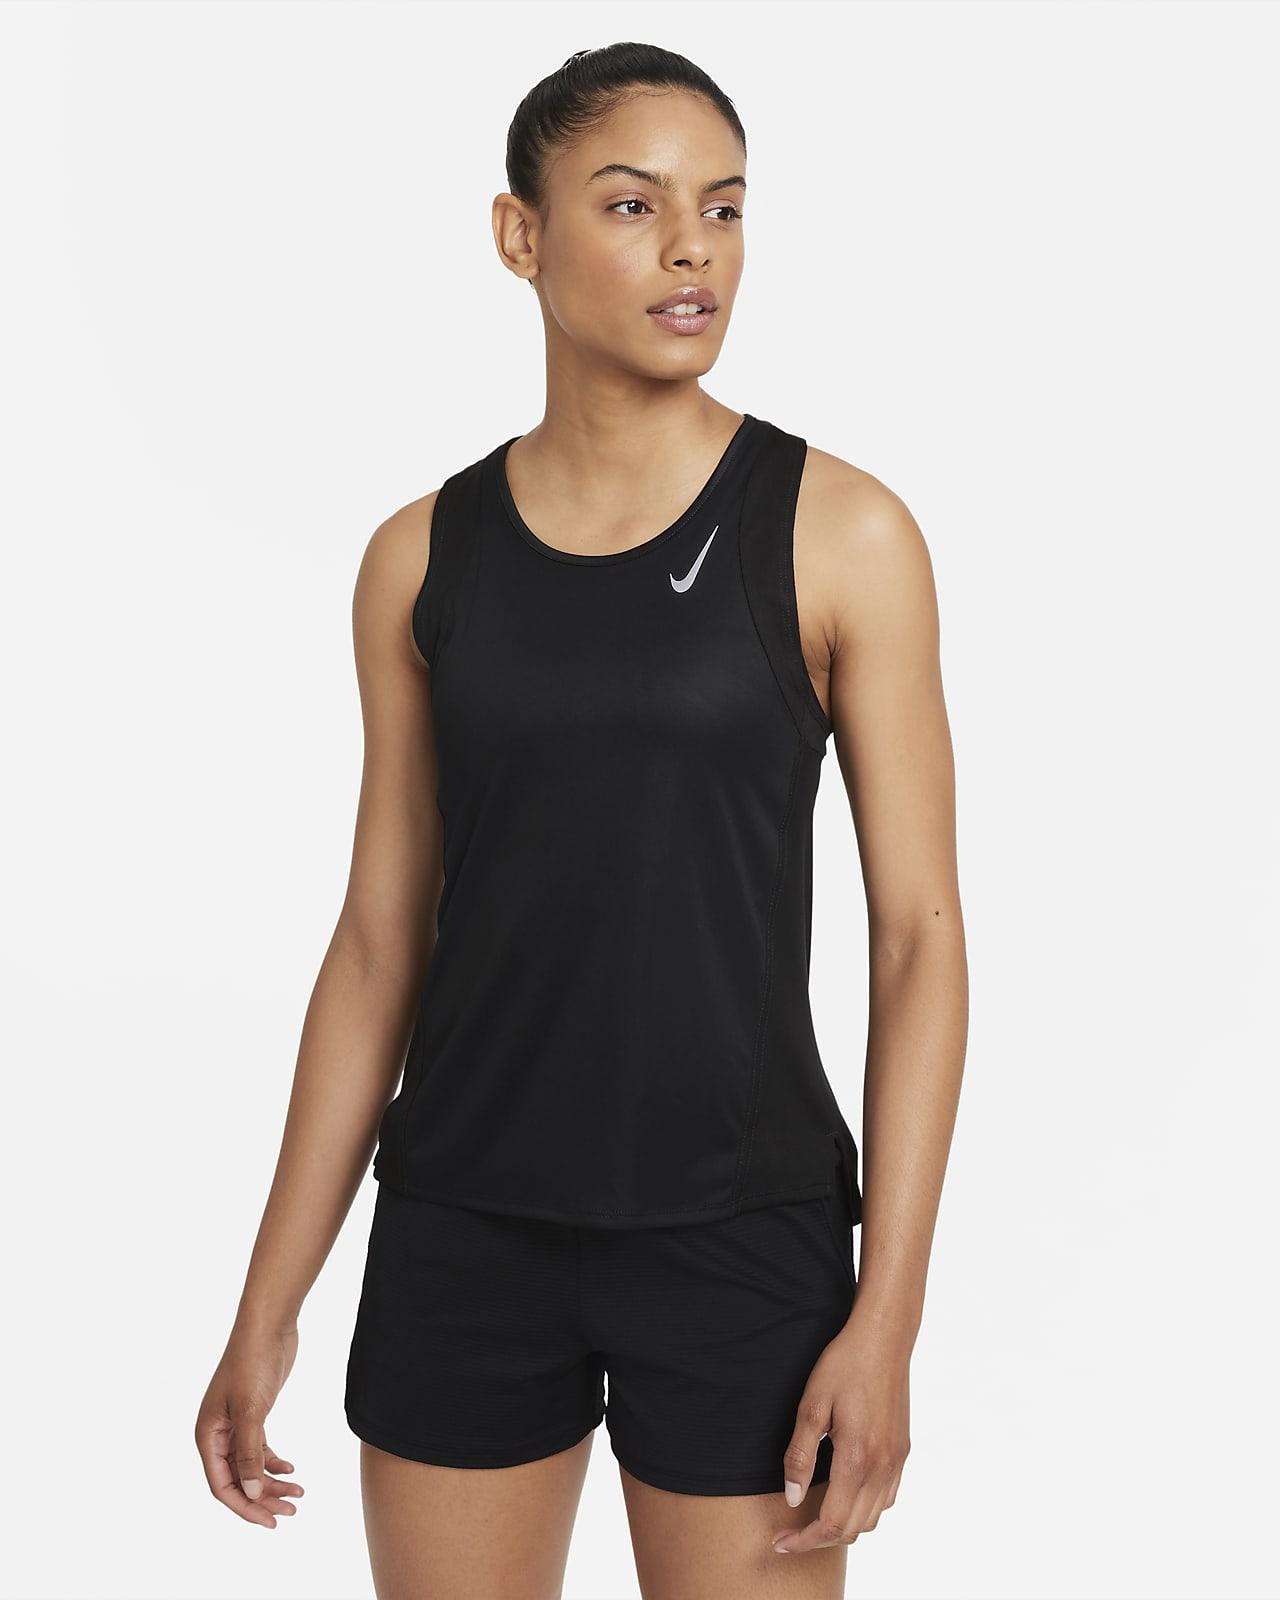 Γυναικεία φανέλα για τρέξιμο Nike Dri-FIT Race